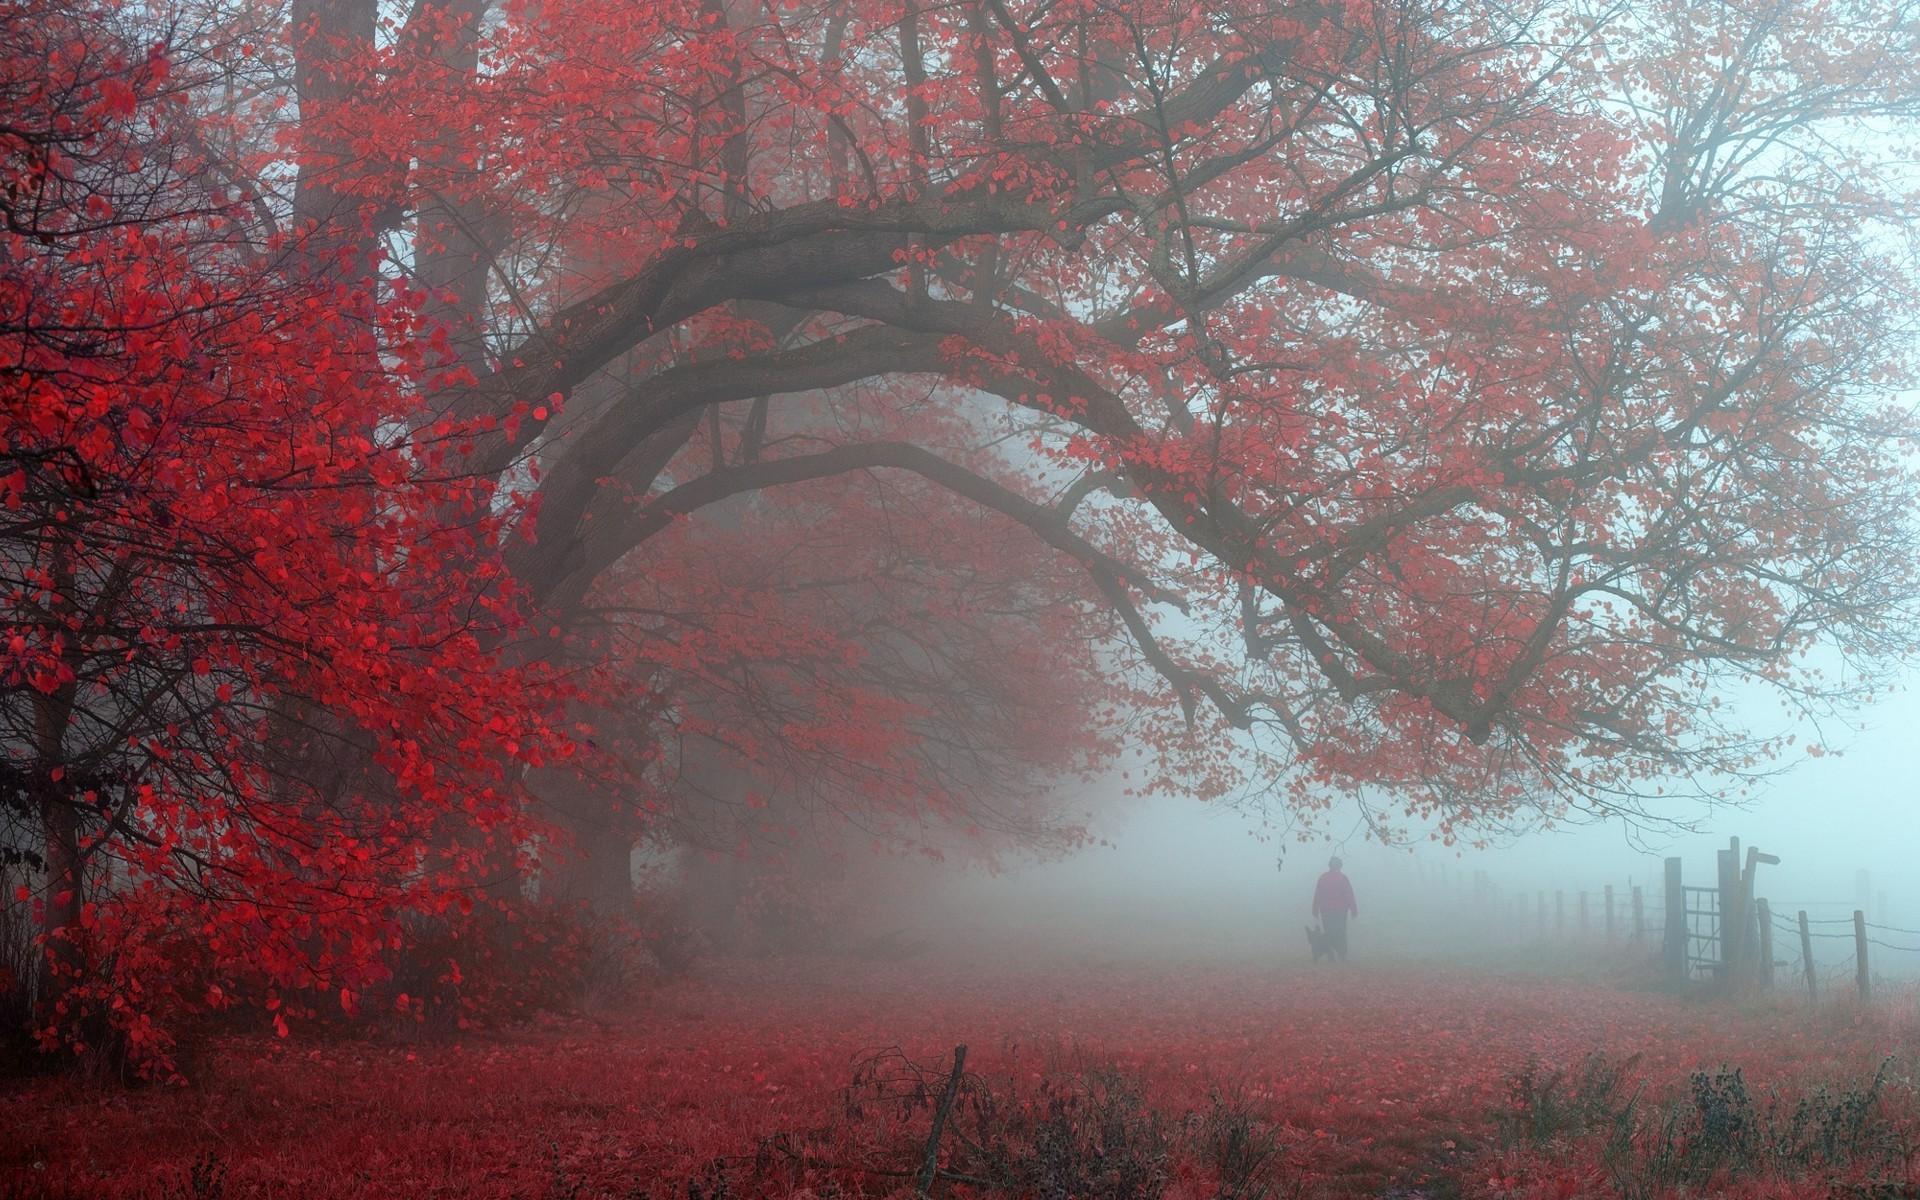 маленьким окошкам, красивые фото пейзаж сад в тумане стремилась поглотить